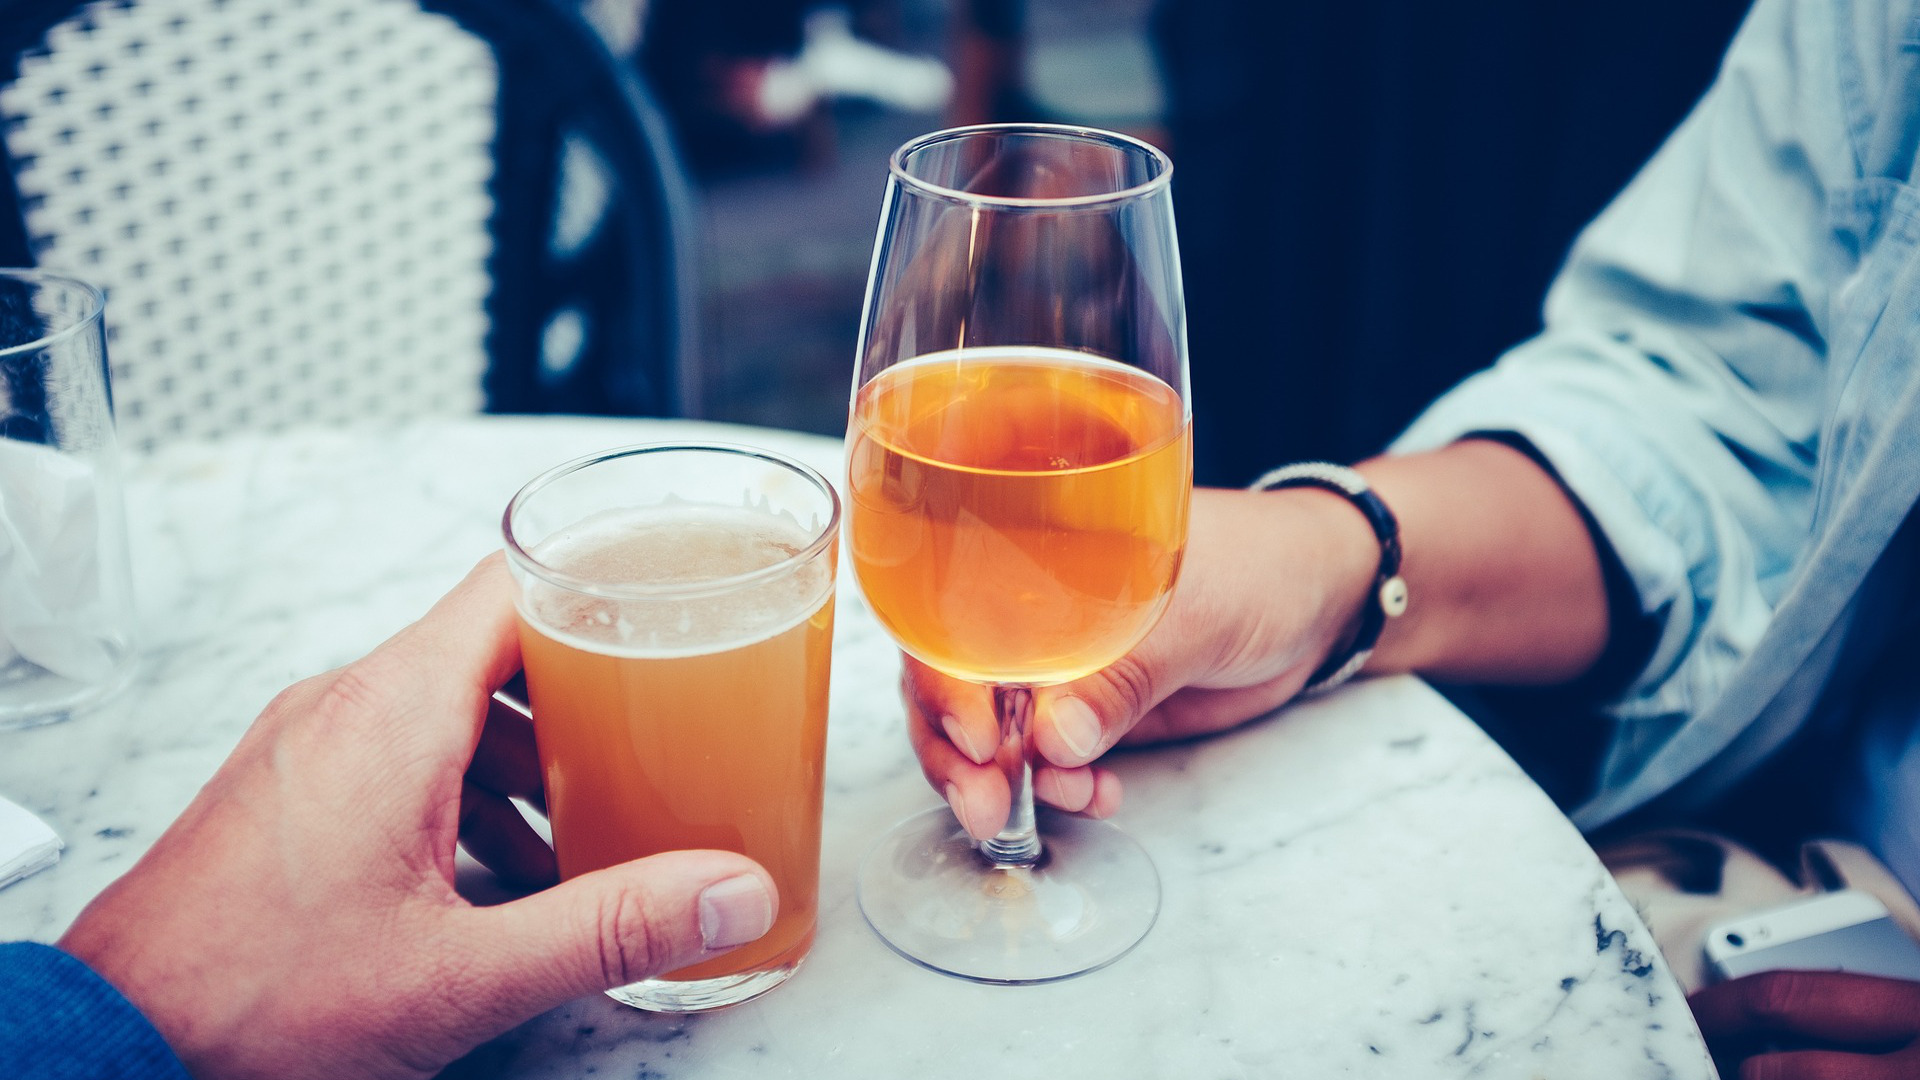 hablar-un-idioma-extranjero-es-mas-facil-bebiendo-algo-de-alcohol-1920